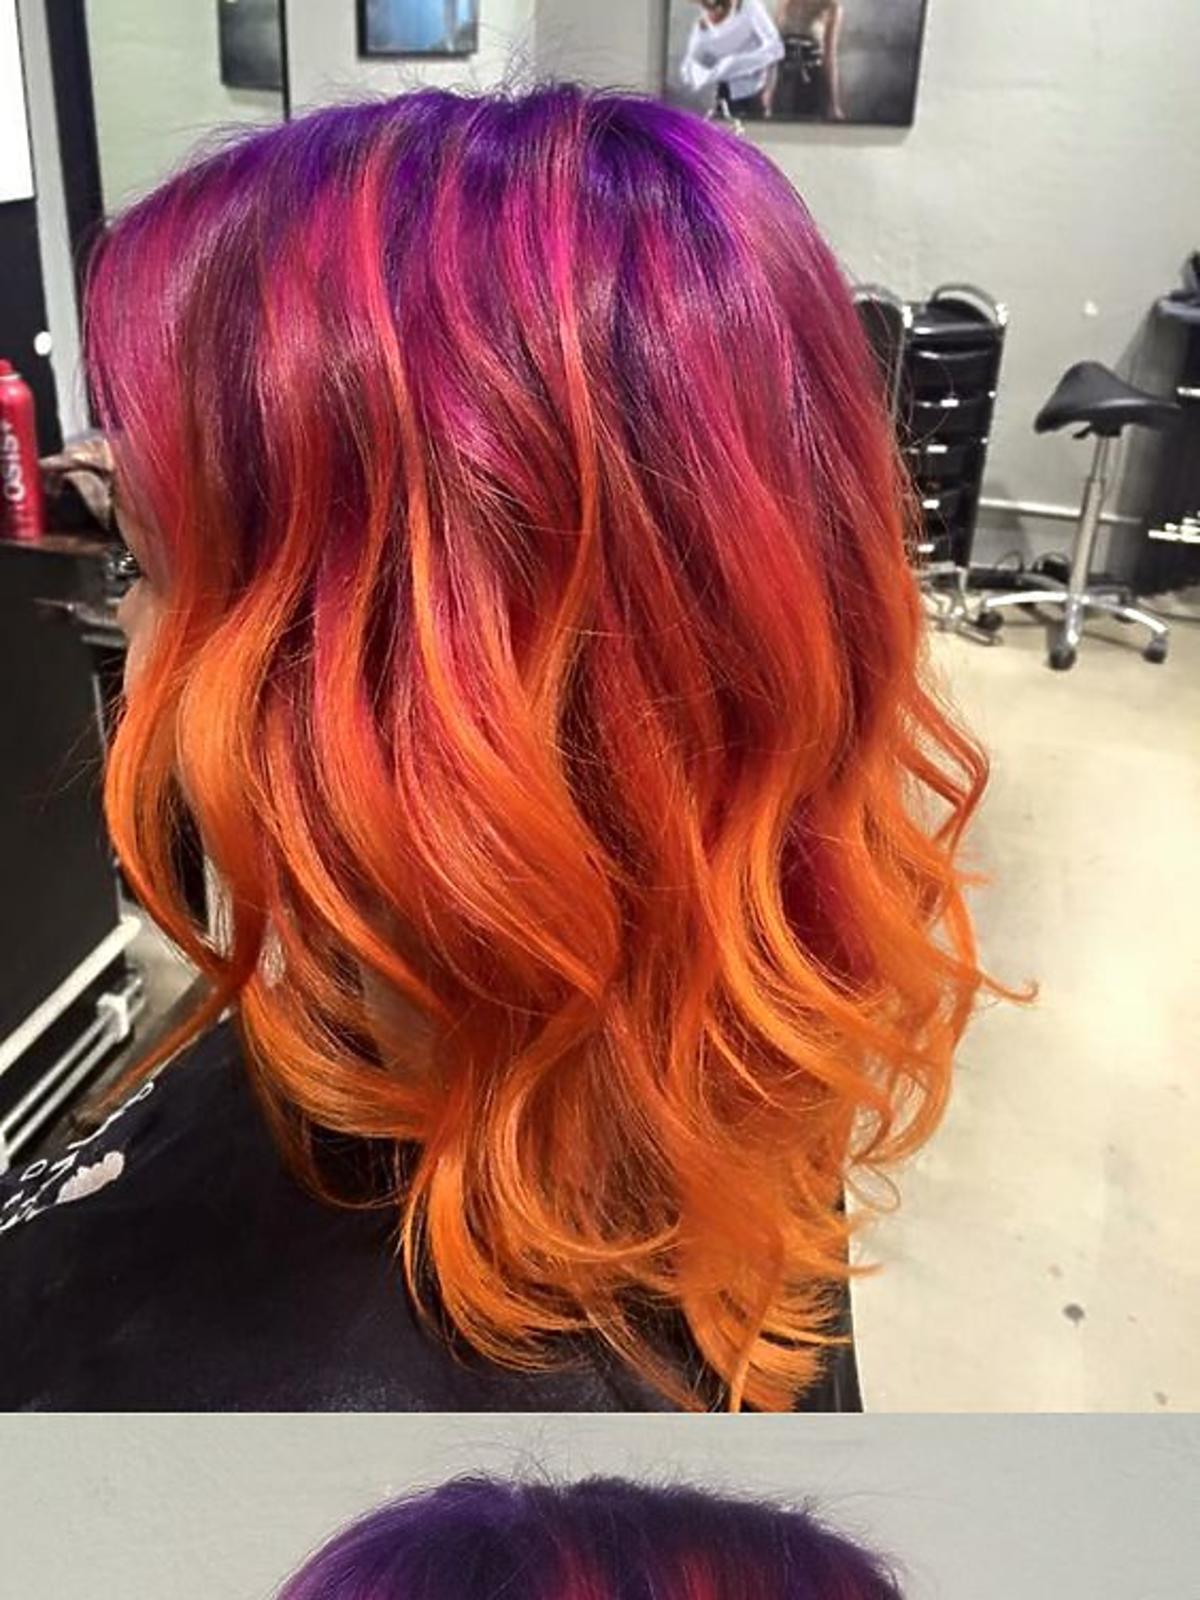 Sunset ombre, czyli efekt zachodzącego słońca na włosach